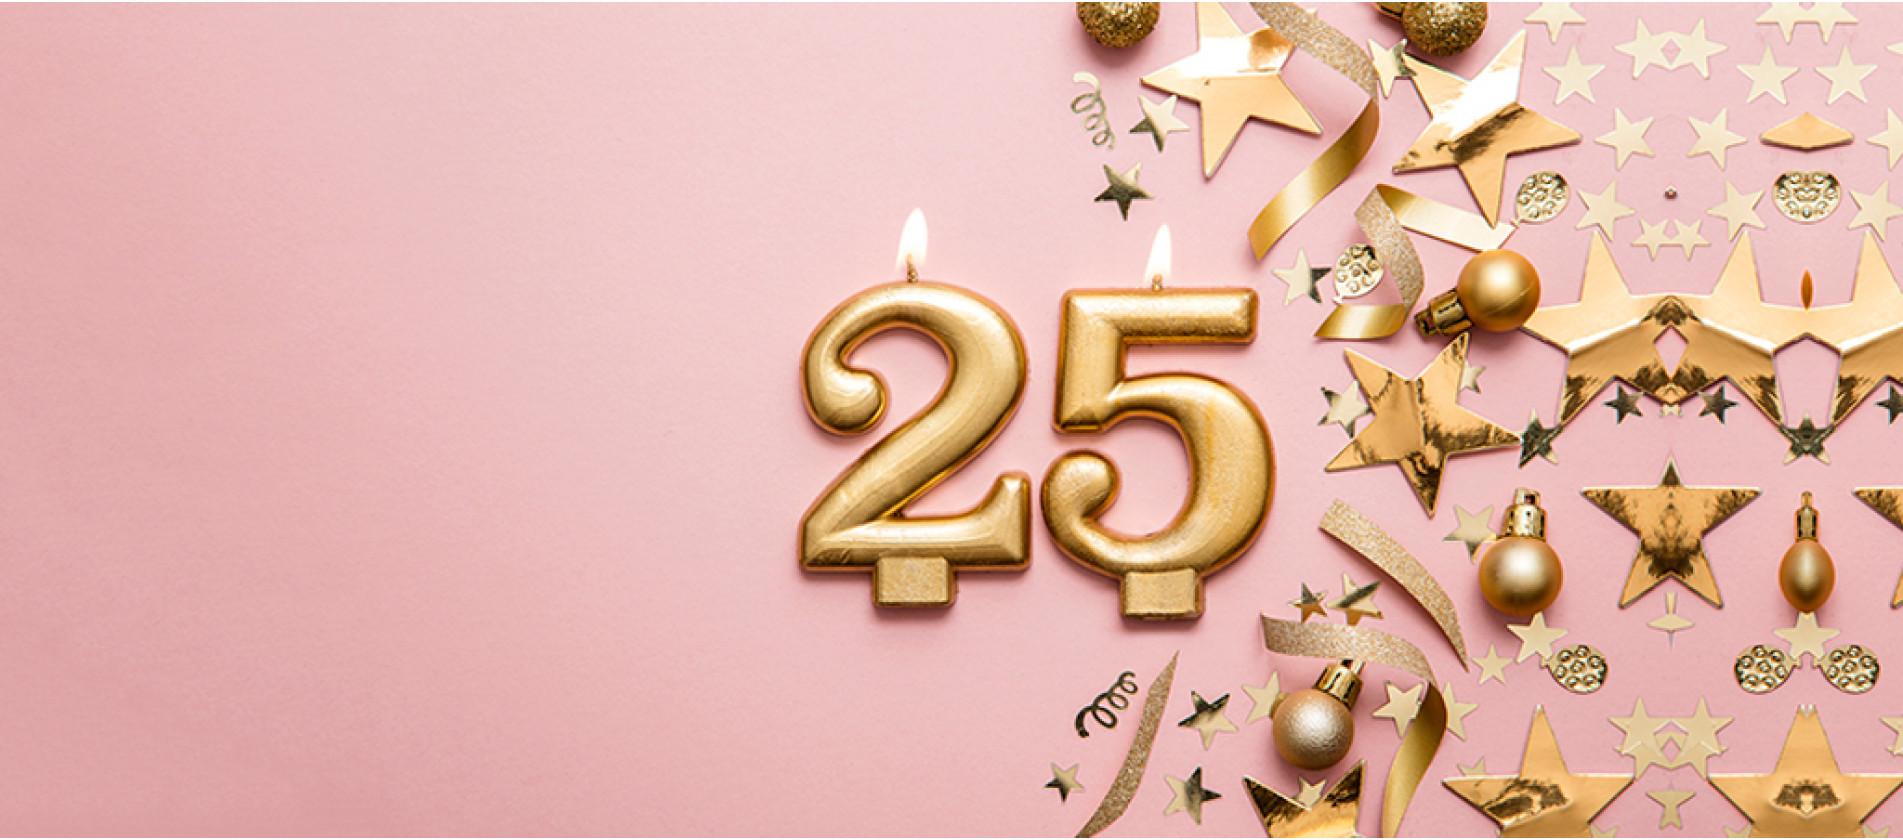 We turn 25 this year